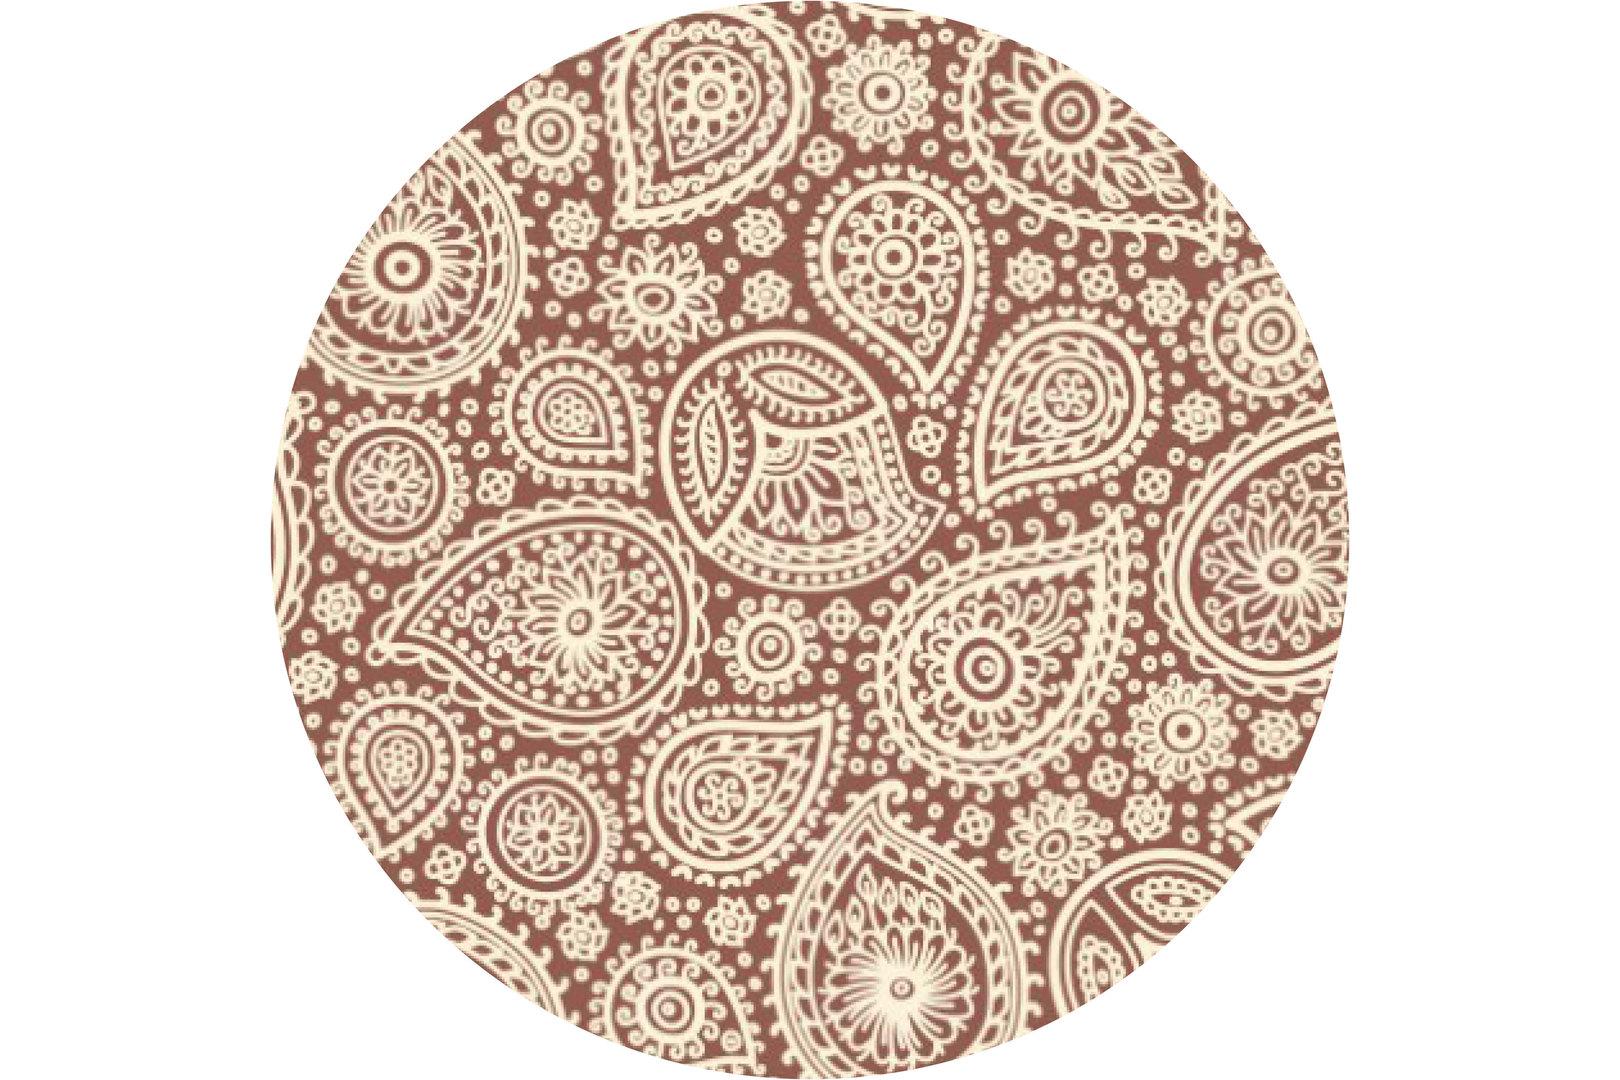 Клетка, горошек, цветы: как правильно сочетать узоры в интерьере